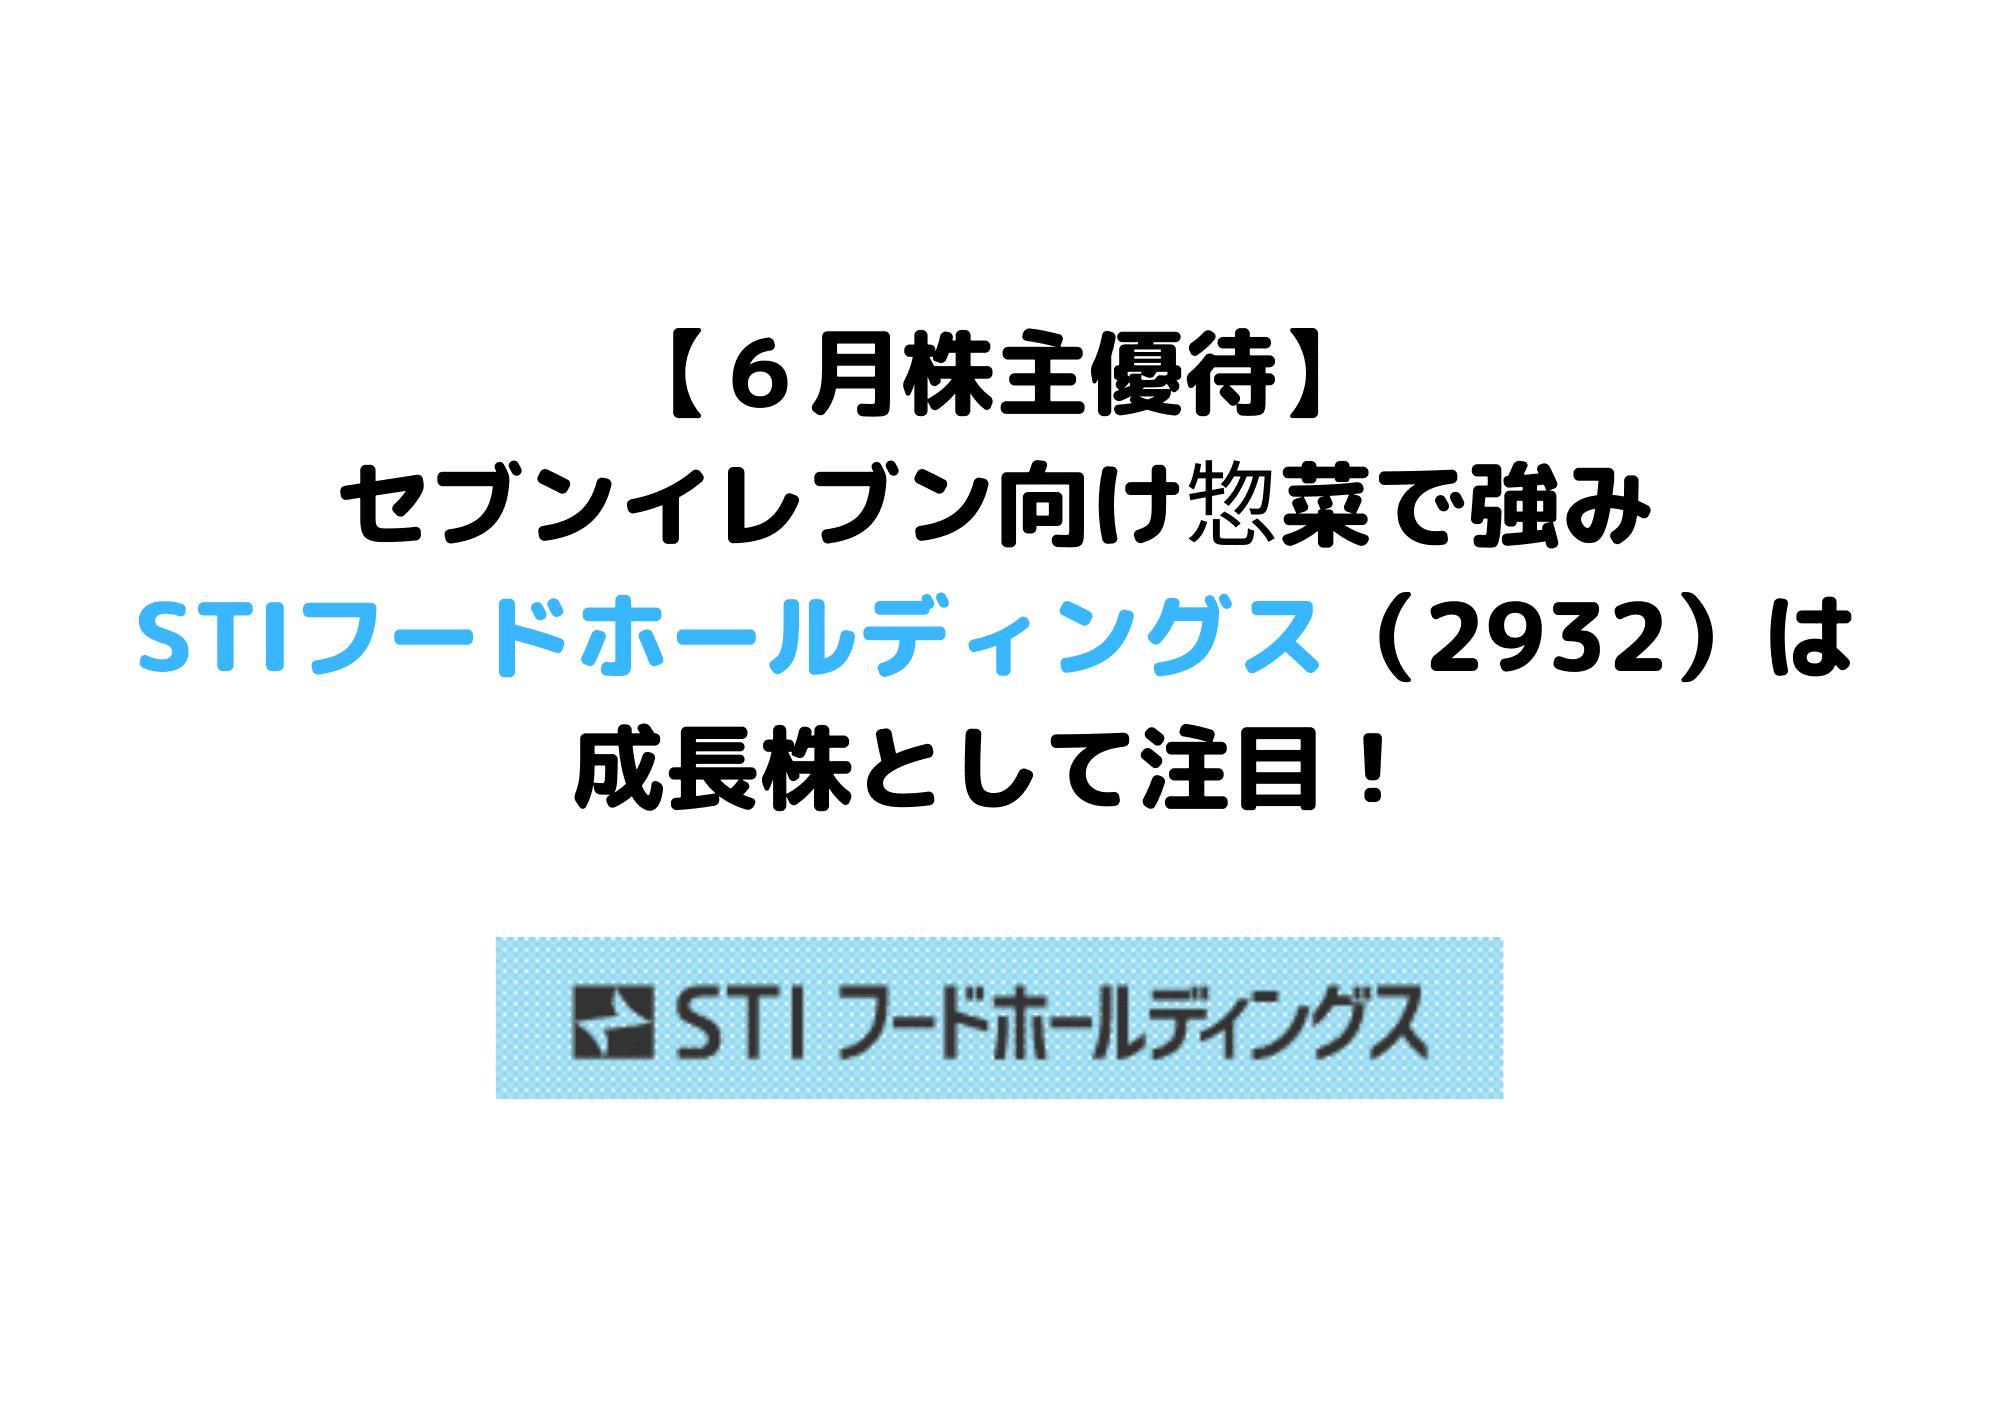 2932 STIフードホールディングス (1)